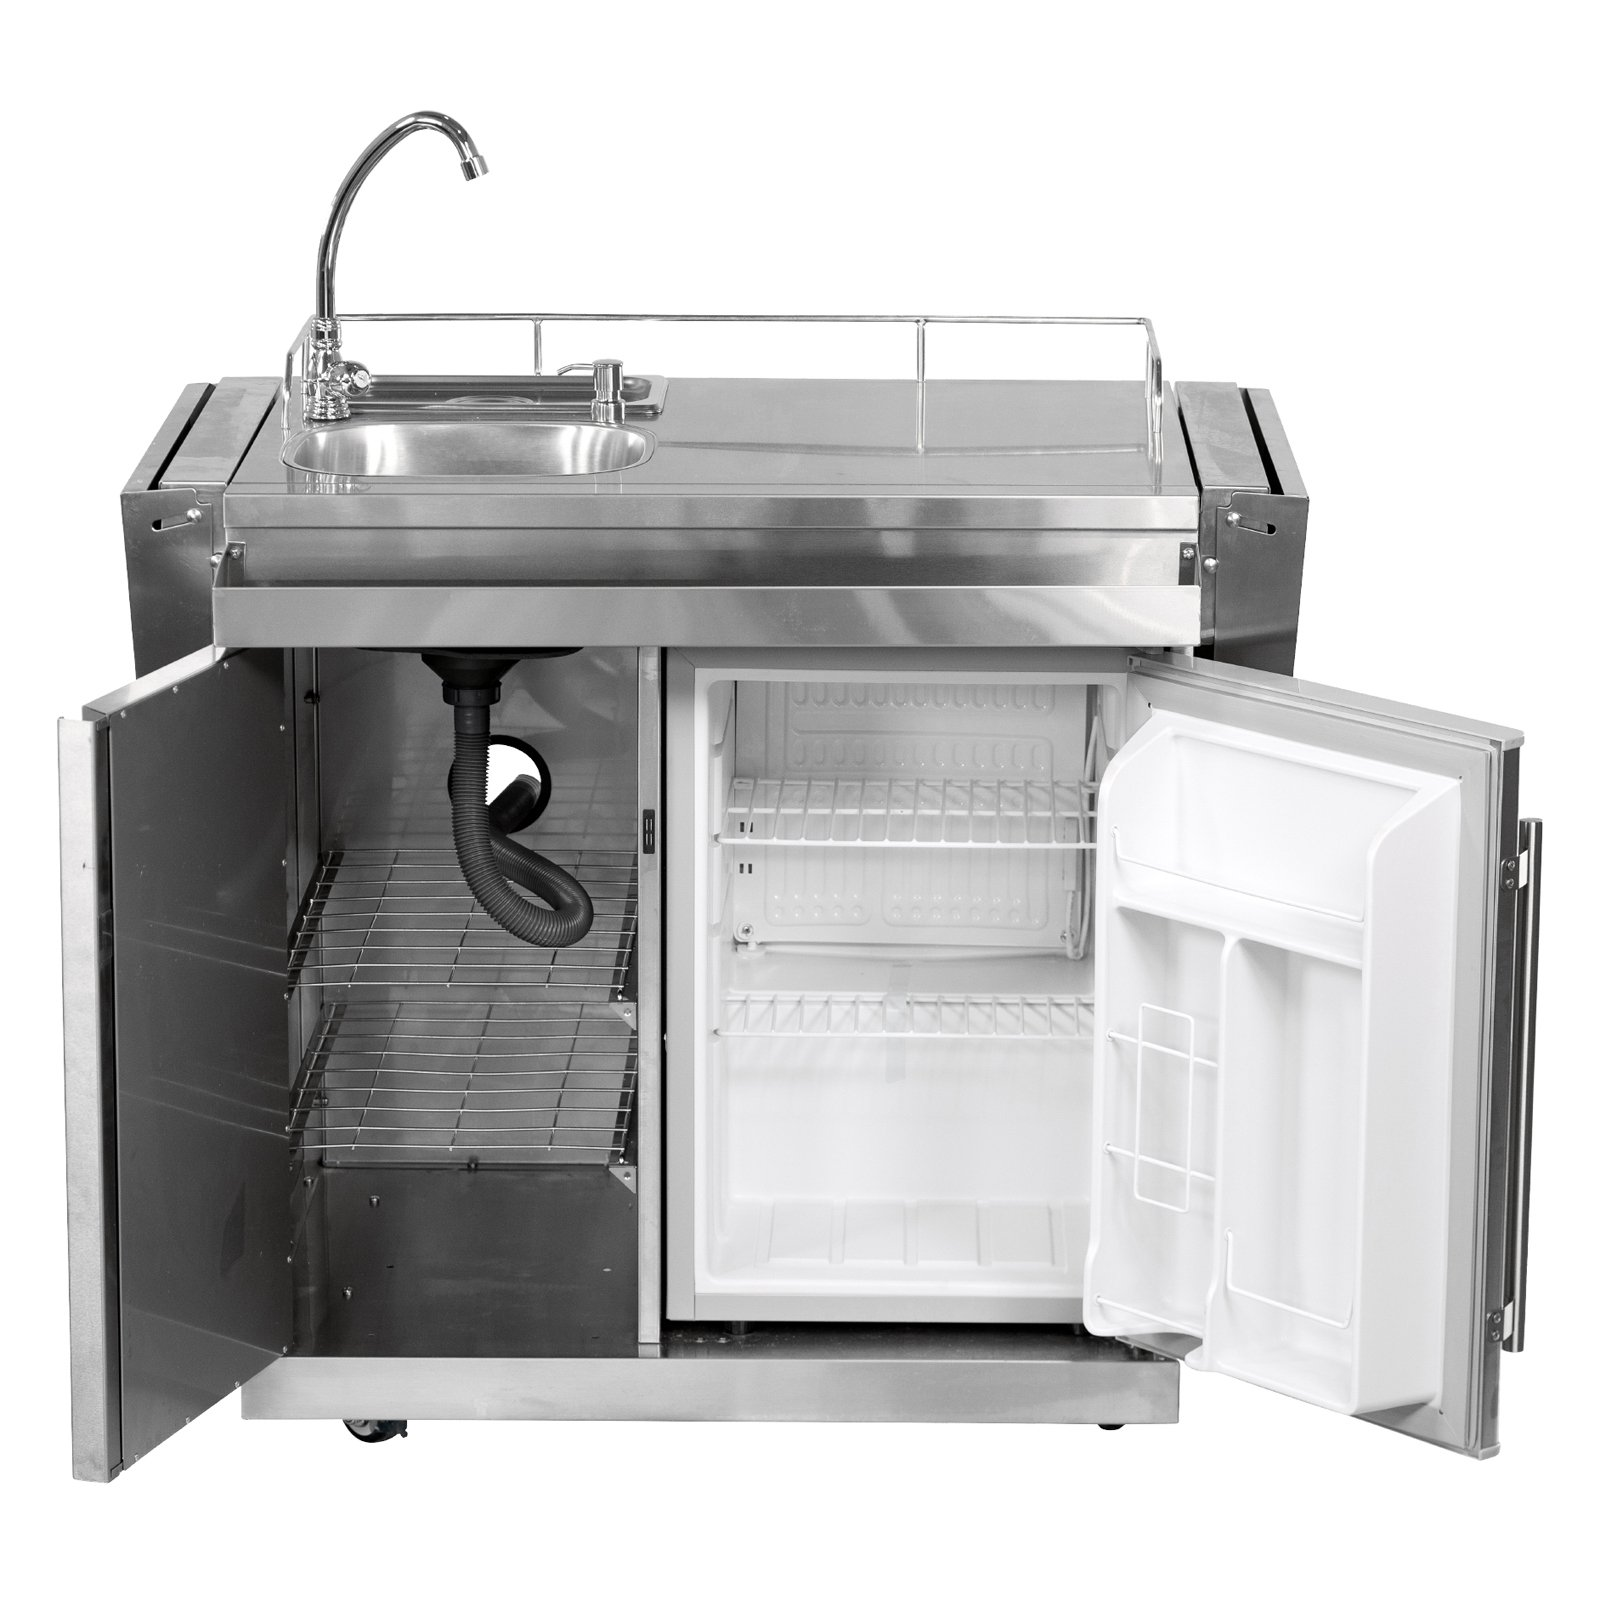 outdoor kitchen fridge small yard leisure season outdoor kitchen cart with fridge and sink walmartcom